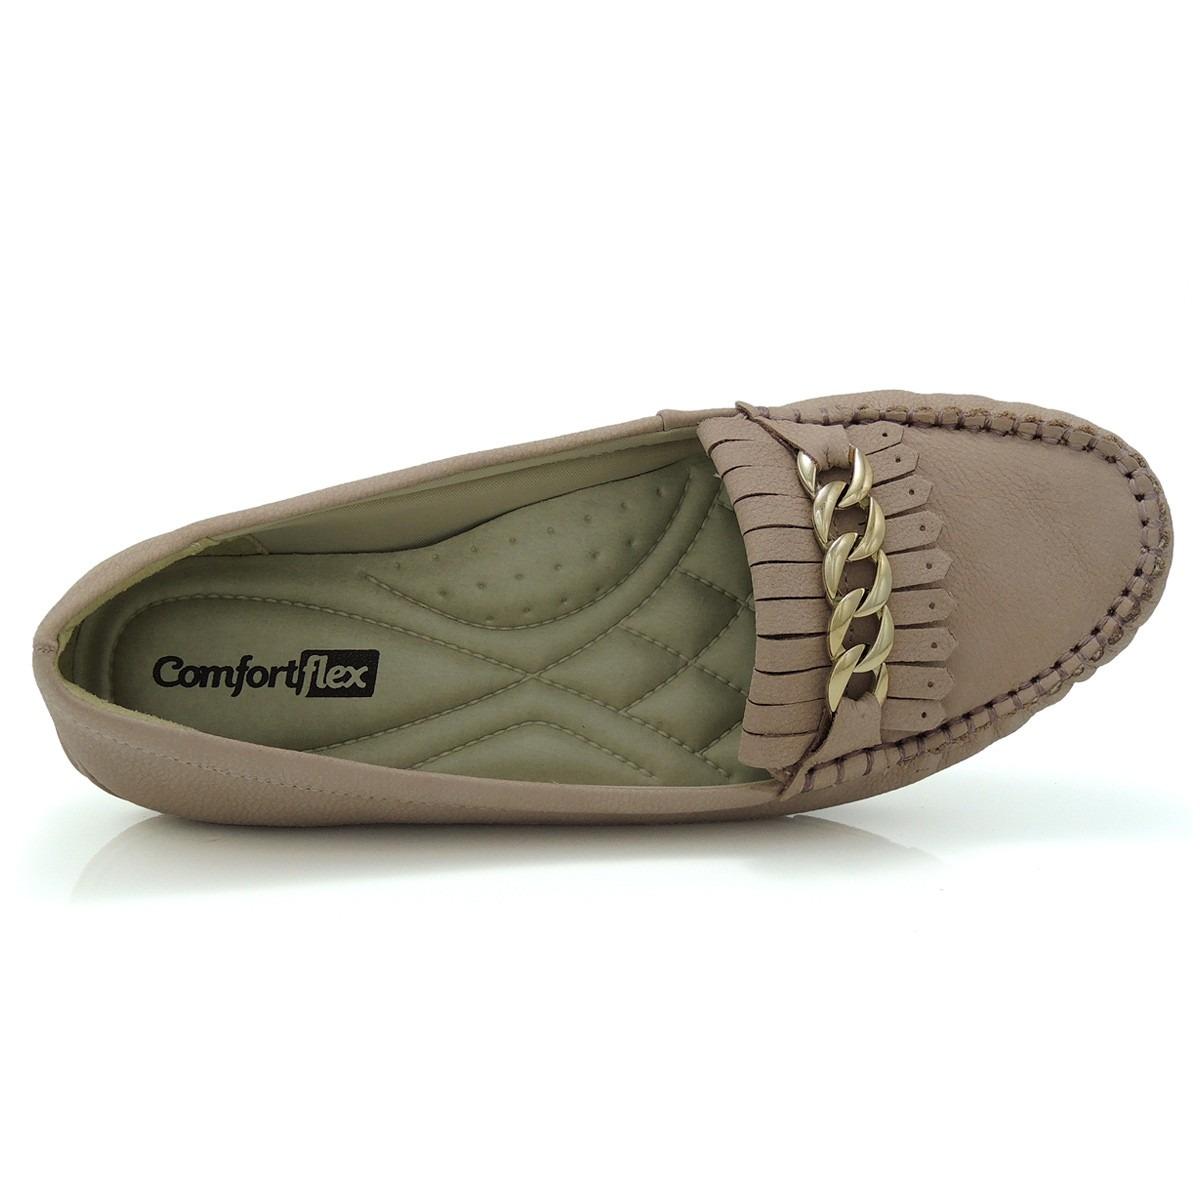 cf02cf052d Sapato Mocassim Comfortflex 1573305 - Nude - Olfer Calçados - R  49 ...